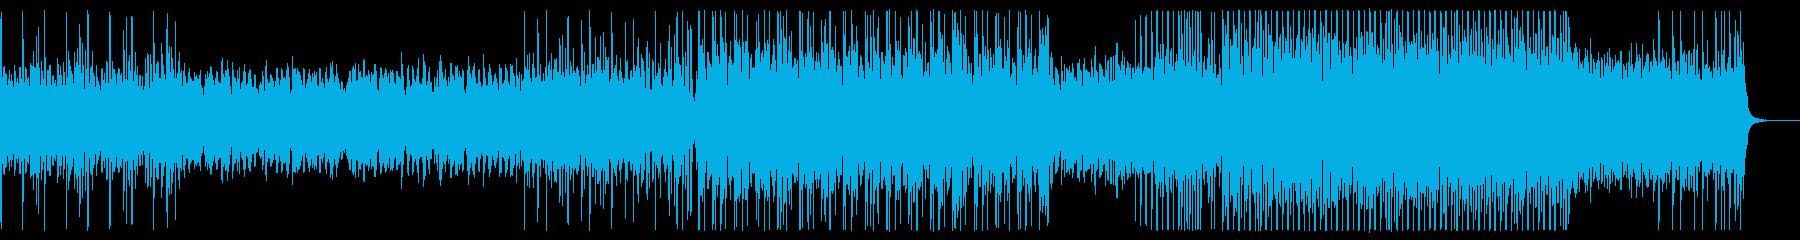 和風EDMチルトラップ♪切ない透明感CMの再生済みの波形